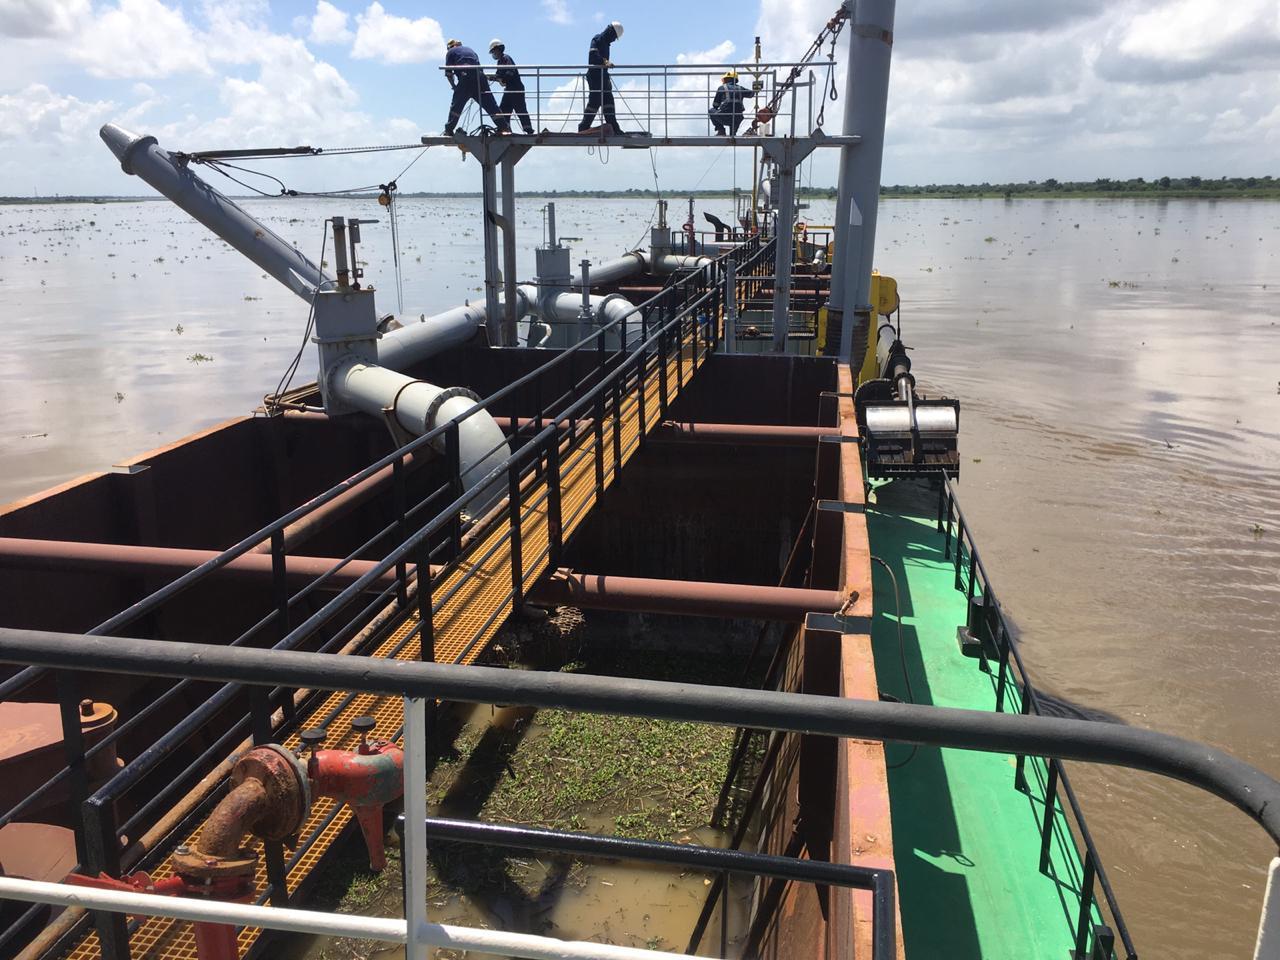 El objetivo del dragado contratado y adjudicado a la empresa Dragados Hidráulicos S.A es inducir el caudal del río Magdalena hacia el brazo izquierdo, reduciendo y disminuyendo las velocidades en la margen derecha.